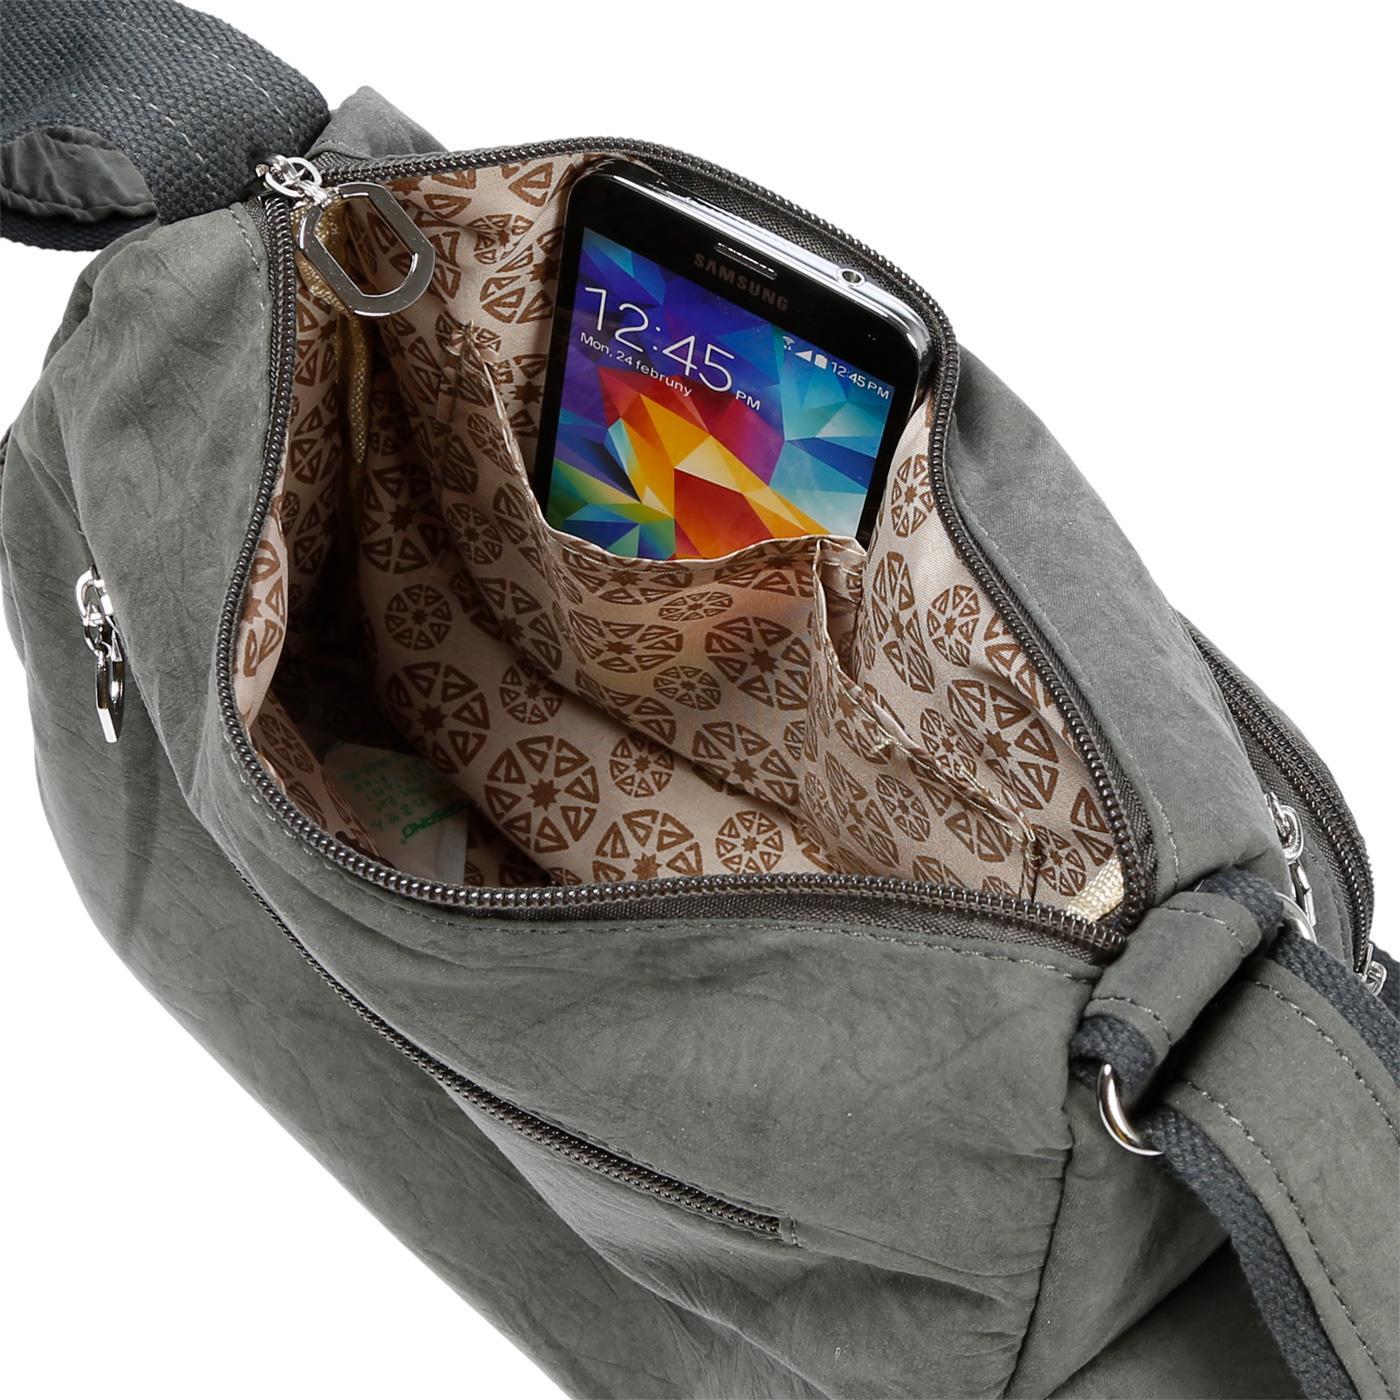 Damenhandtasche-Schultertasche-Tasche-Umhaengetasche-Canvas-Shopper-Crossover-Bag Indexbild 18